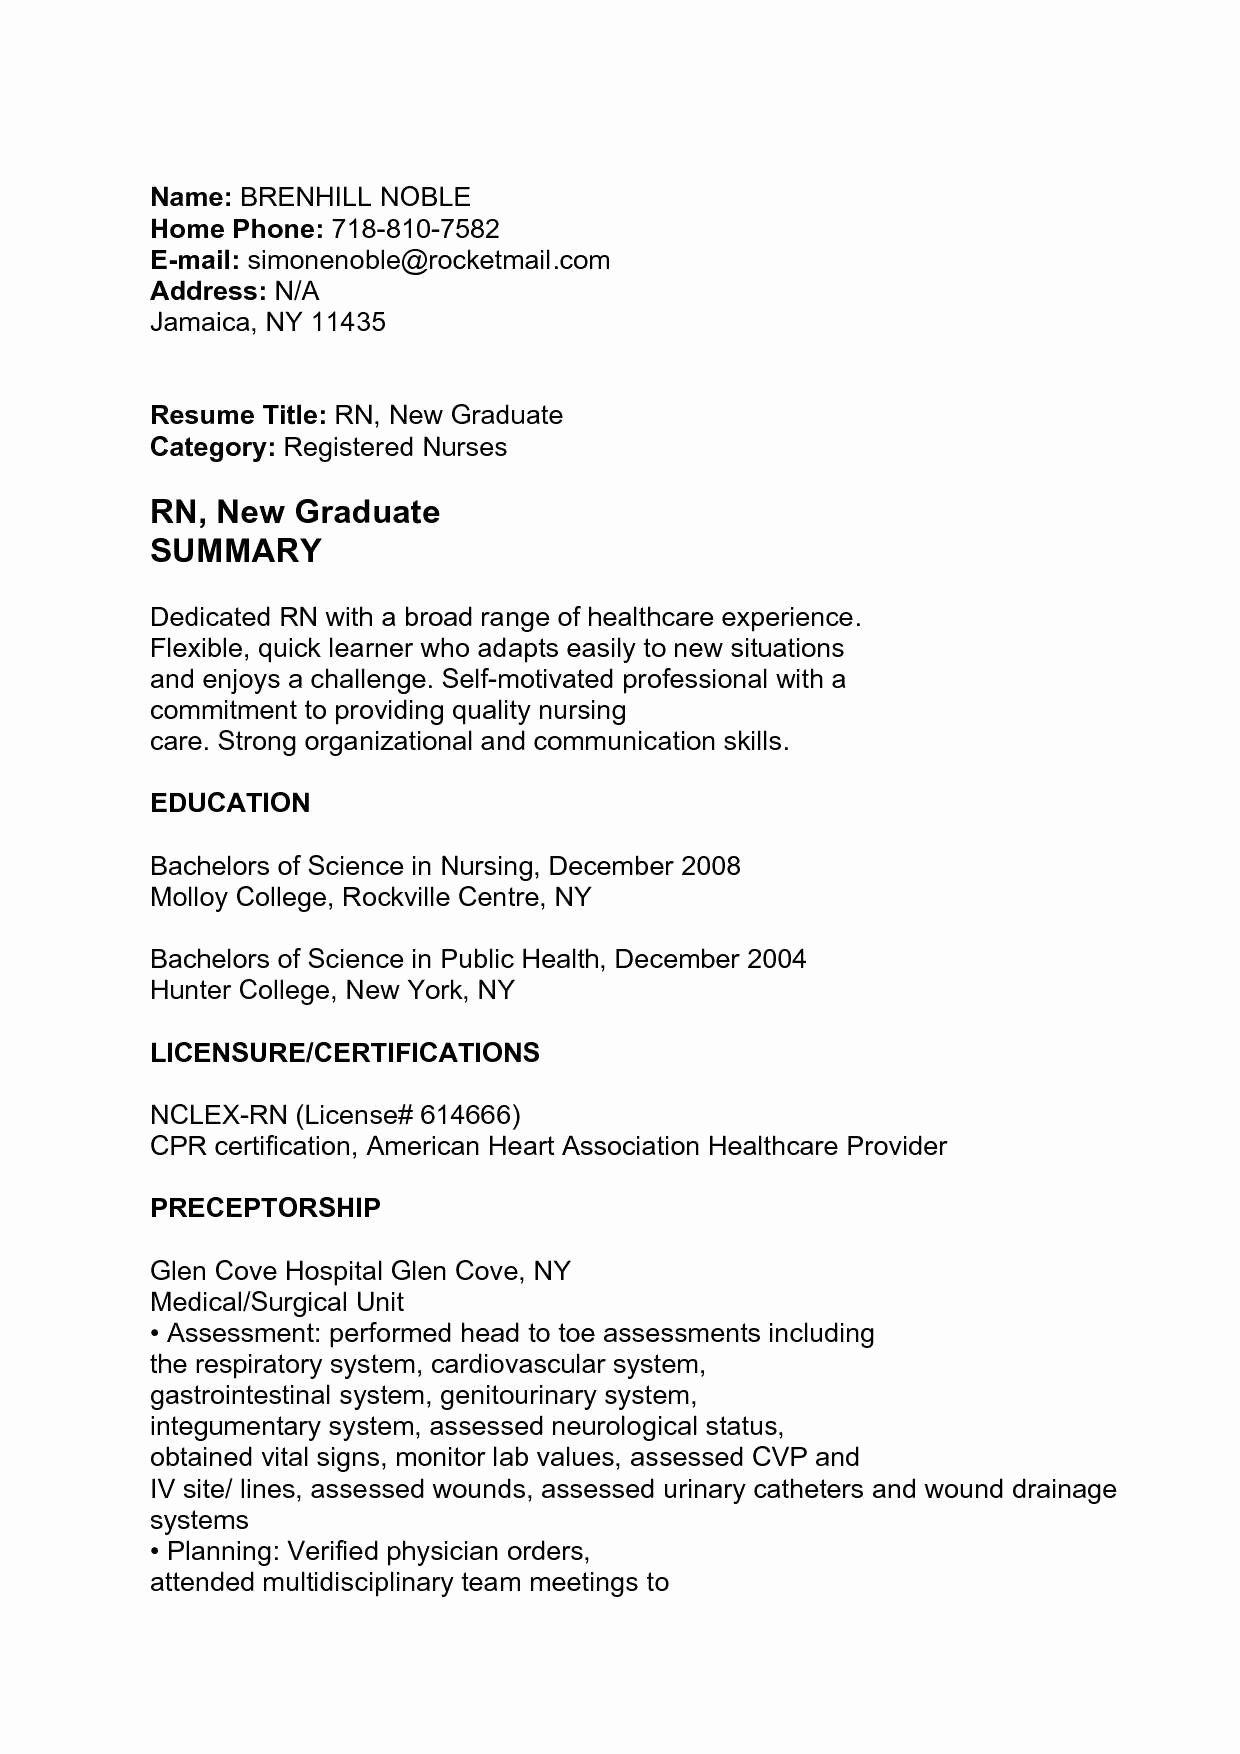 Graduate Nurse Resume Template Free Elegant Cath Lab Nurse Resume Talktomartyb